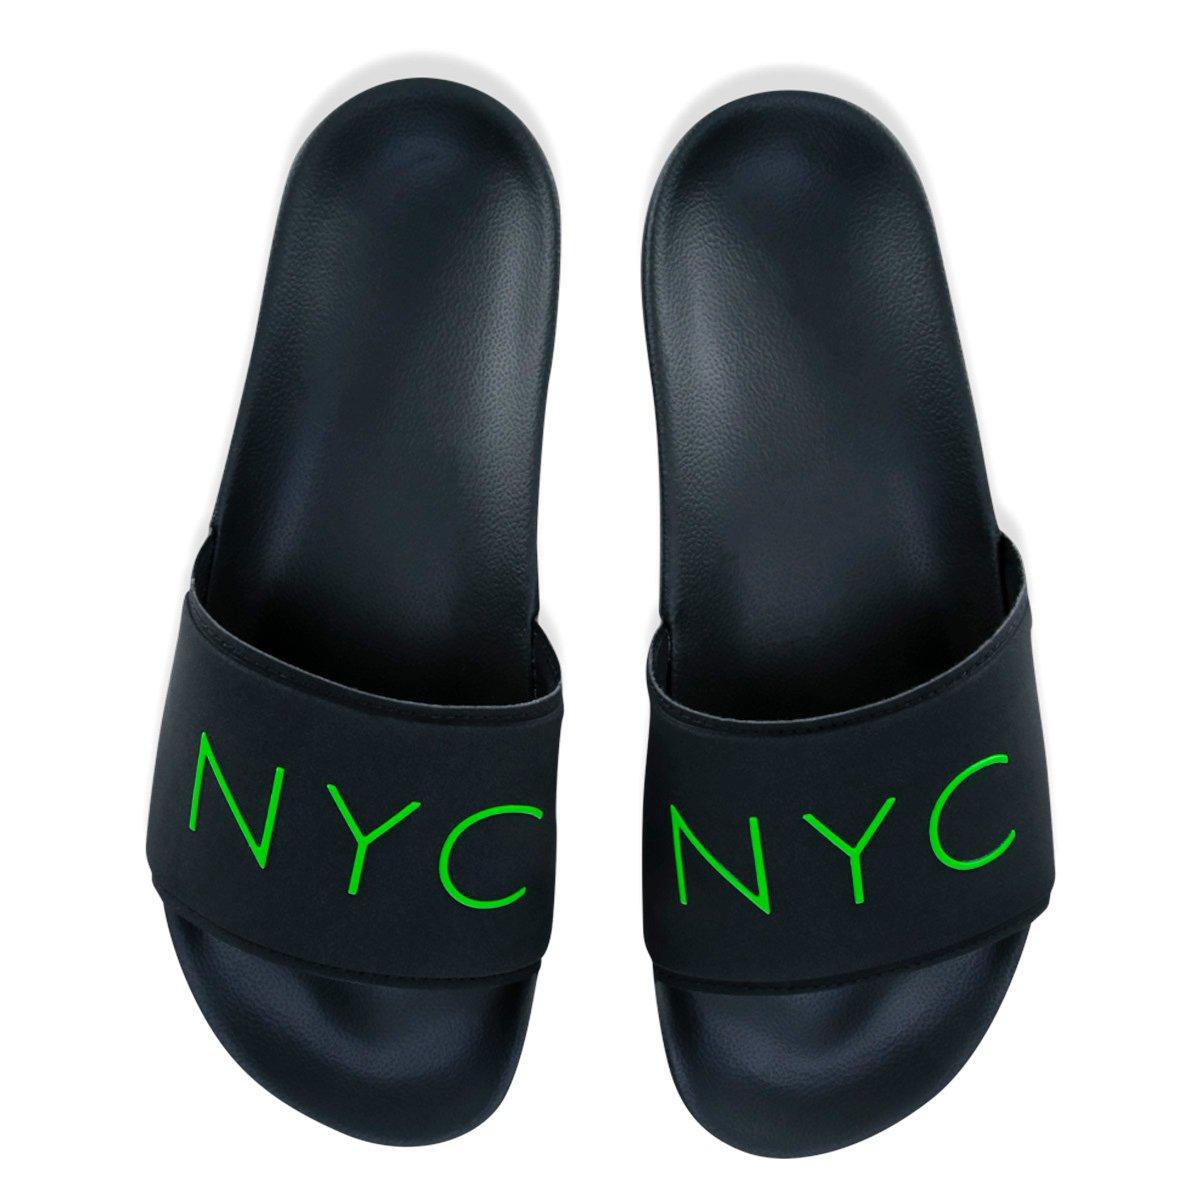 Chinelo Slide New Era NYC Box Masculino